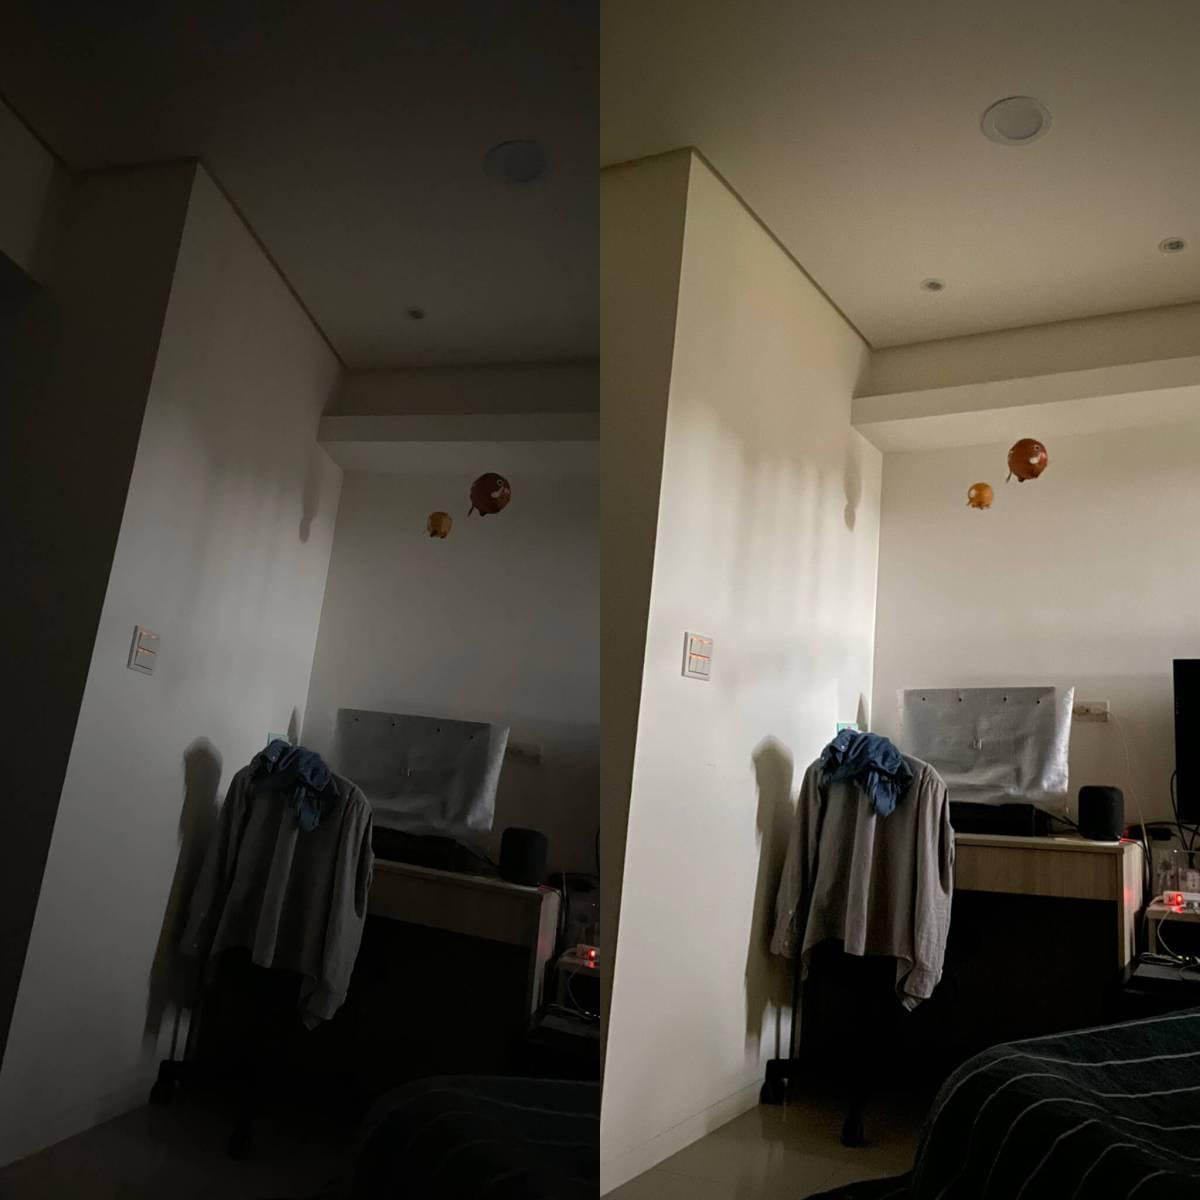 iPhone 11 pro 夜拍測試:左為沒開夜拍模式,右邊為開夜拍模式